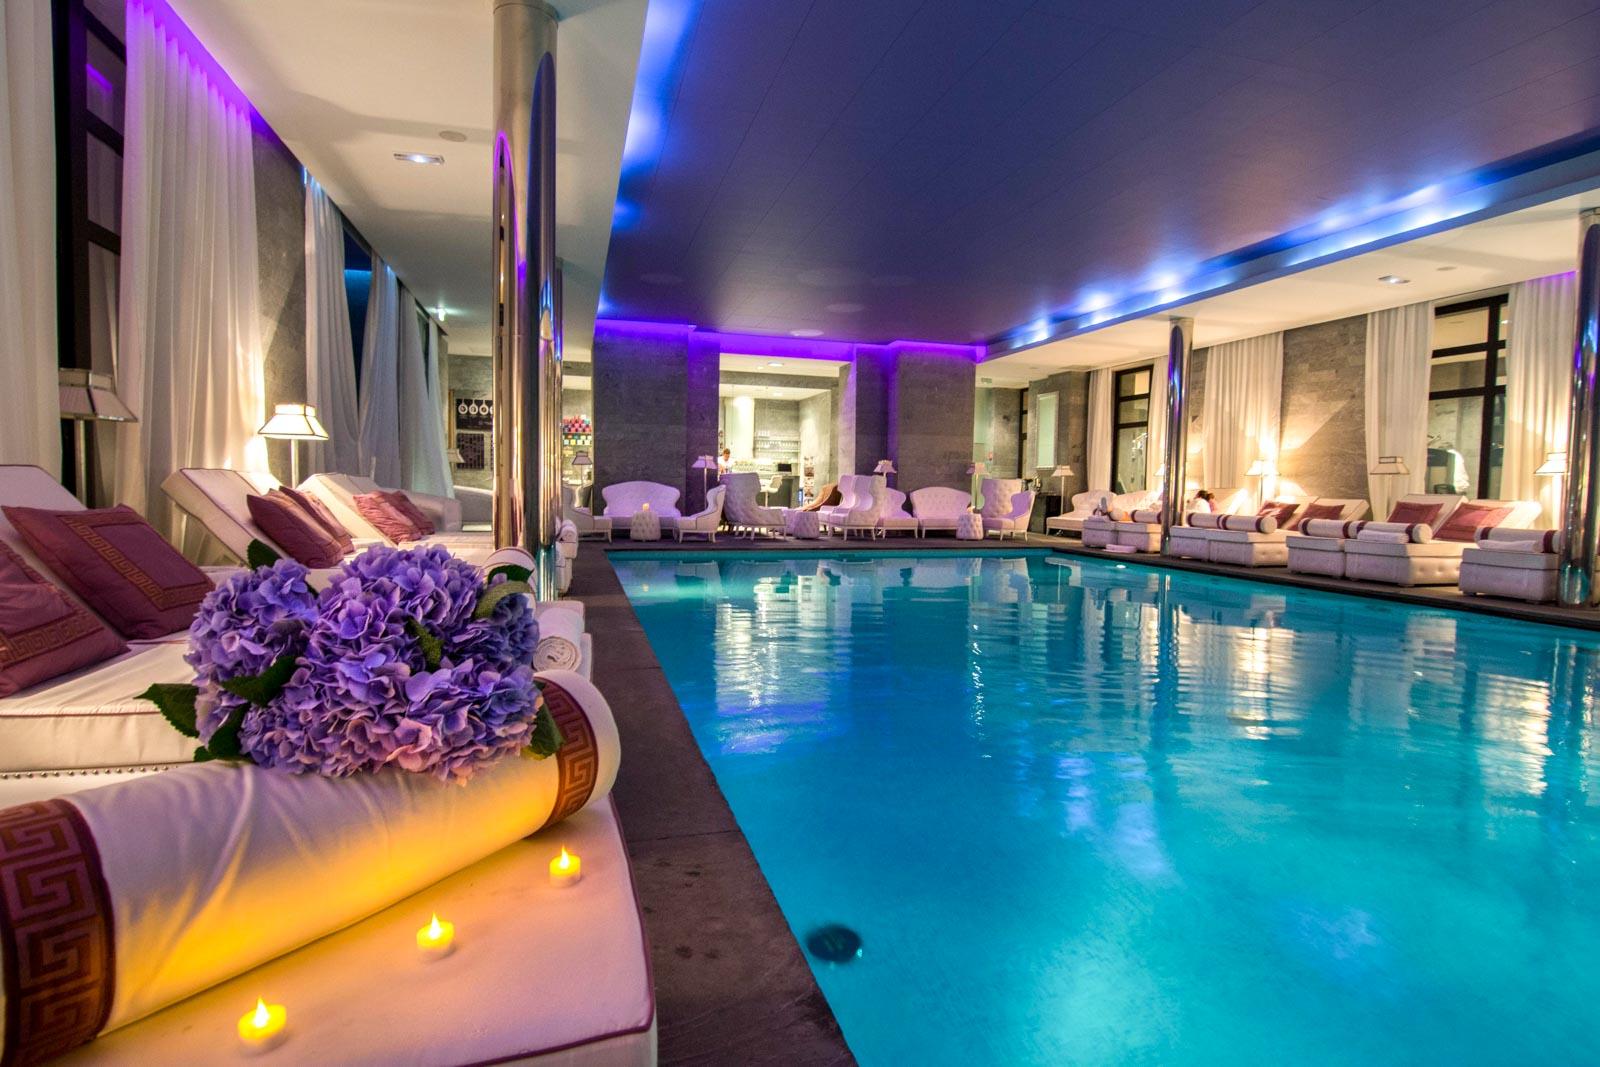 Les bains de l a paris jean delmarty for Bains de lea paris